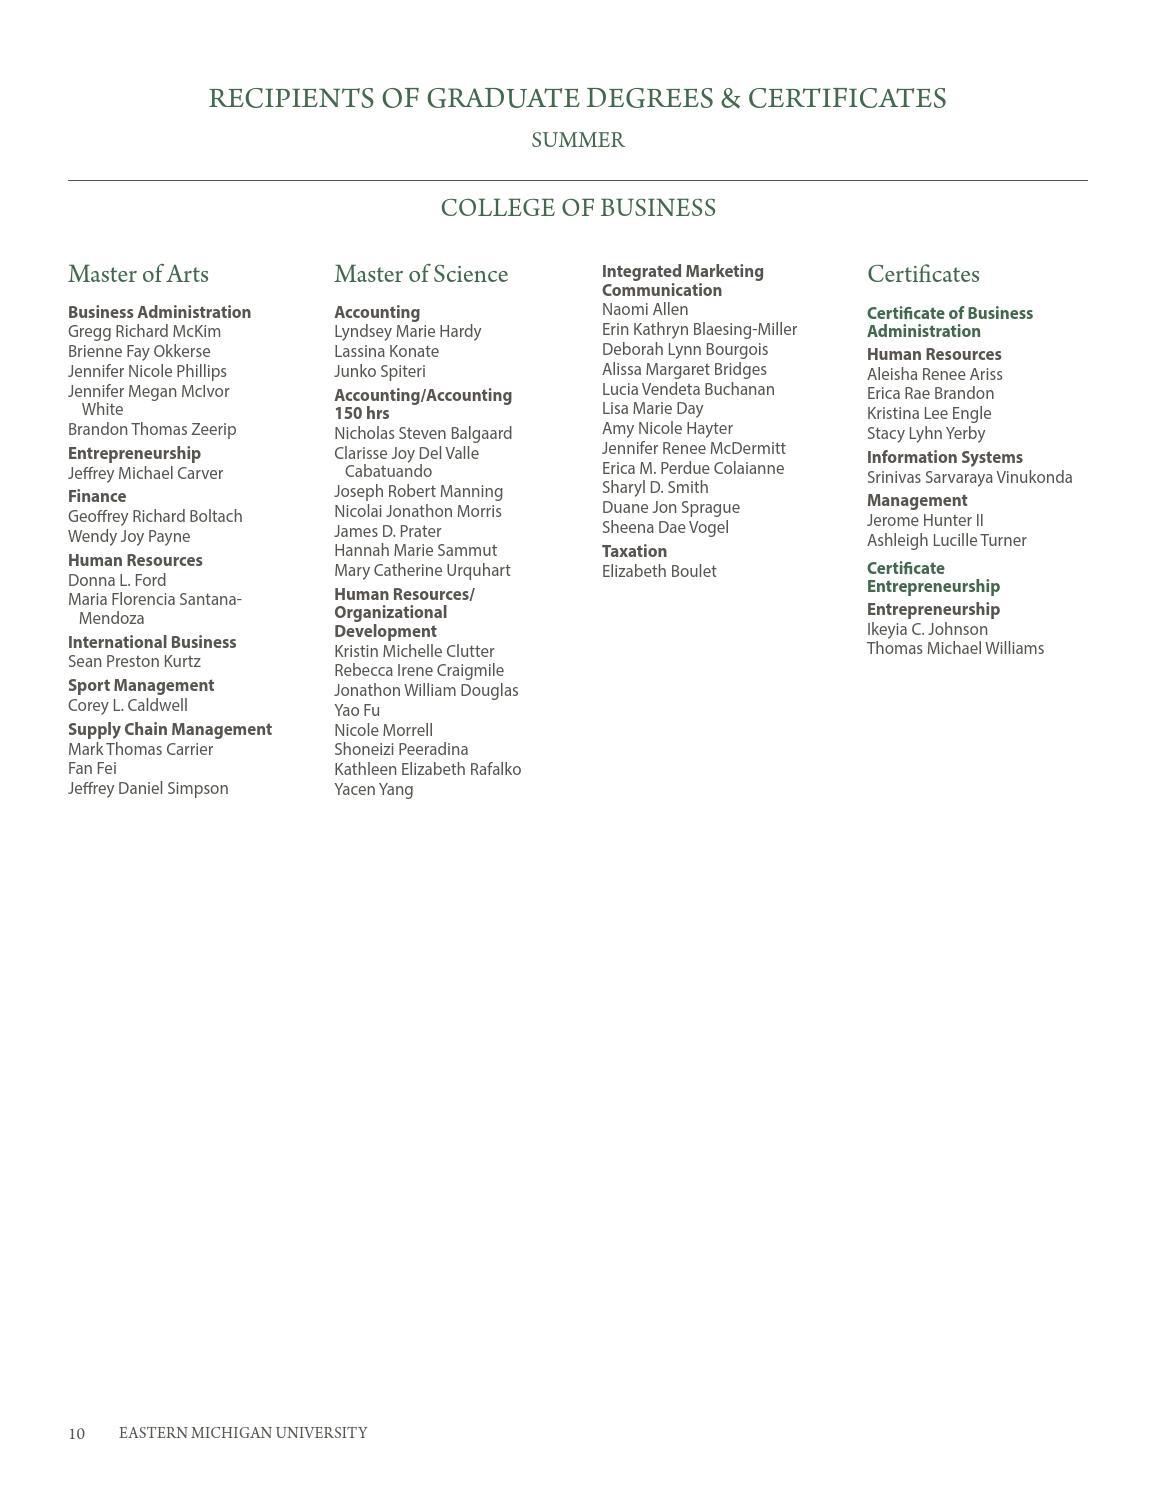 Erfreut Format Von Leistungsbeurteilungsformular Ideen - Bilder für ...